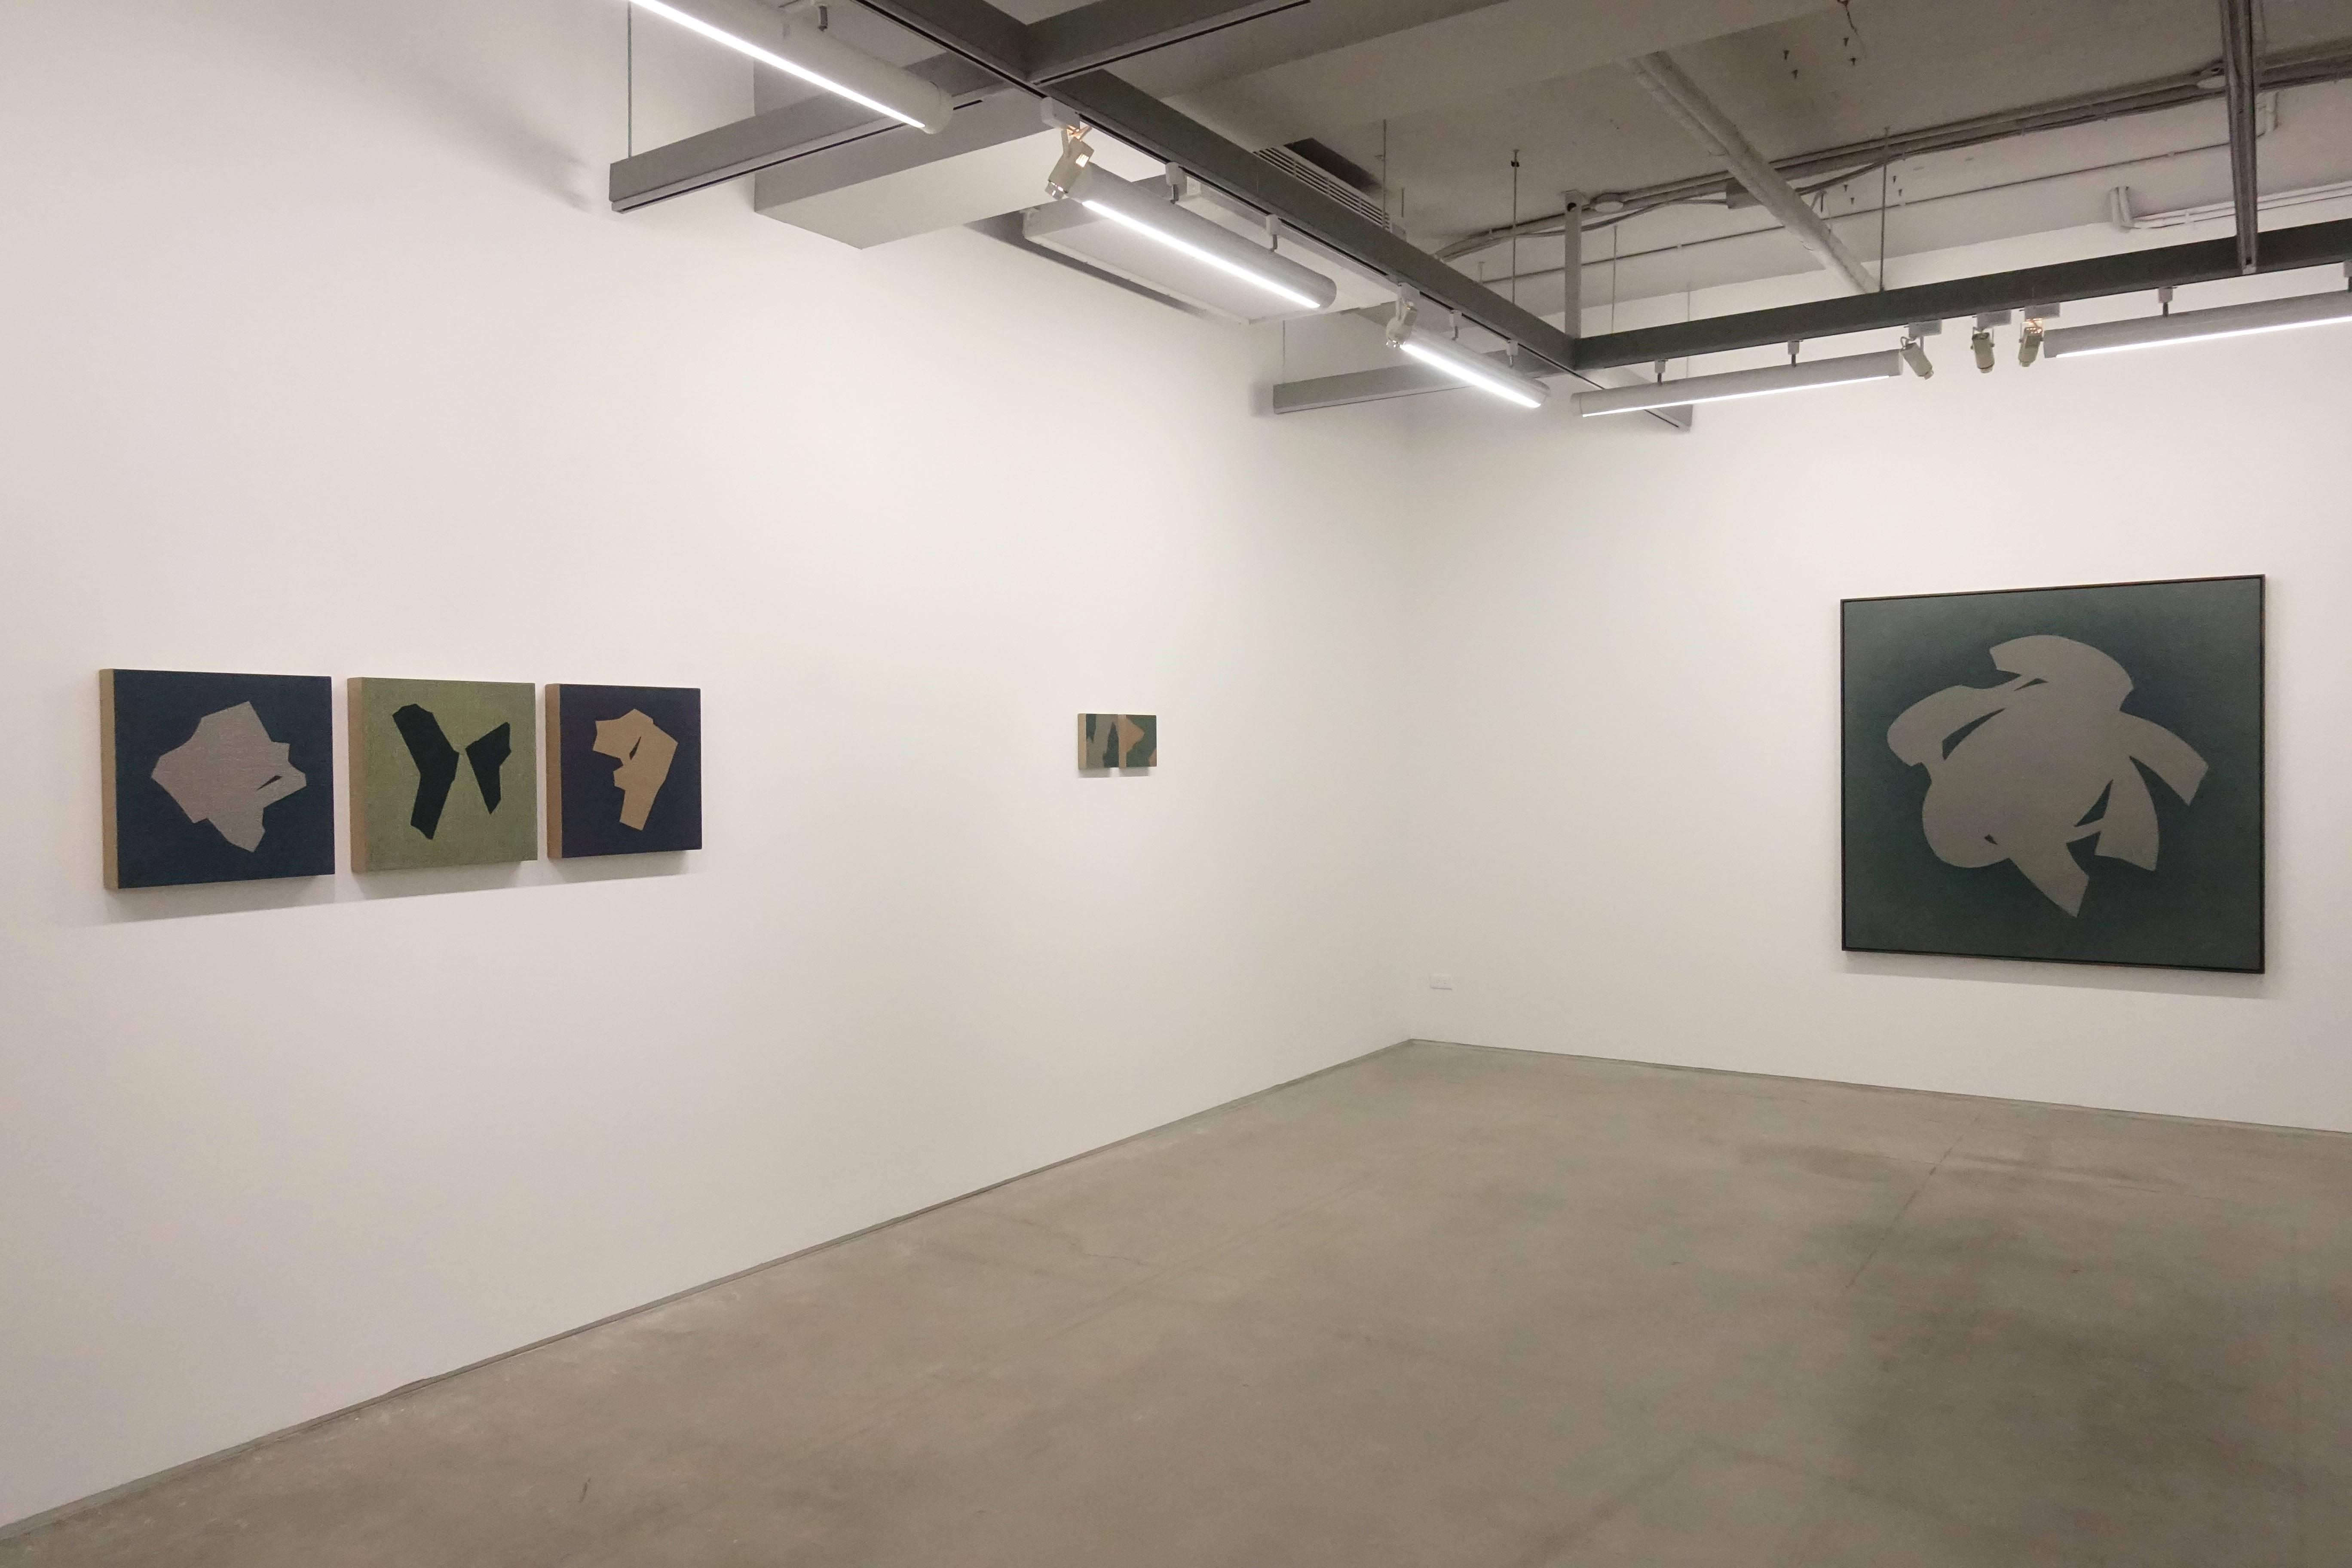 双方藝廊「未定物-吳東龍個展」一樓空間展覽一隅。